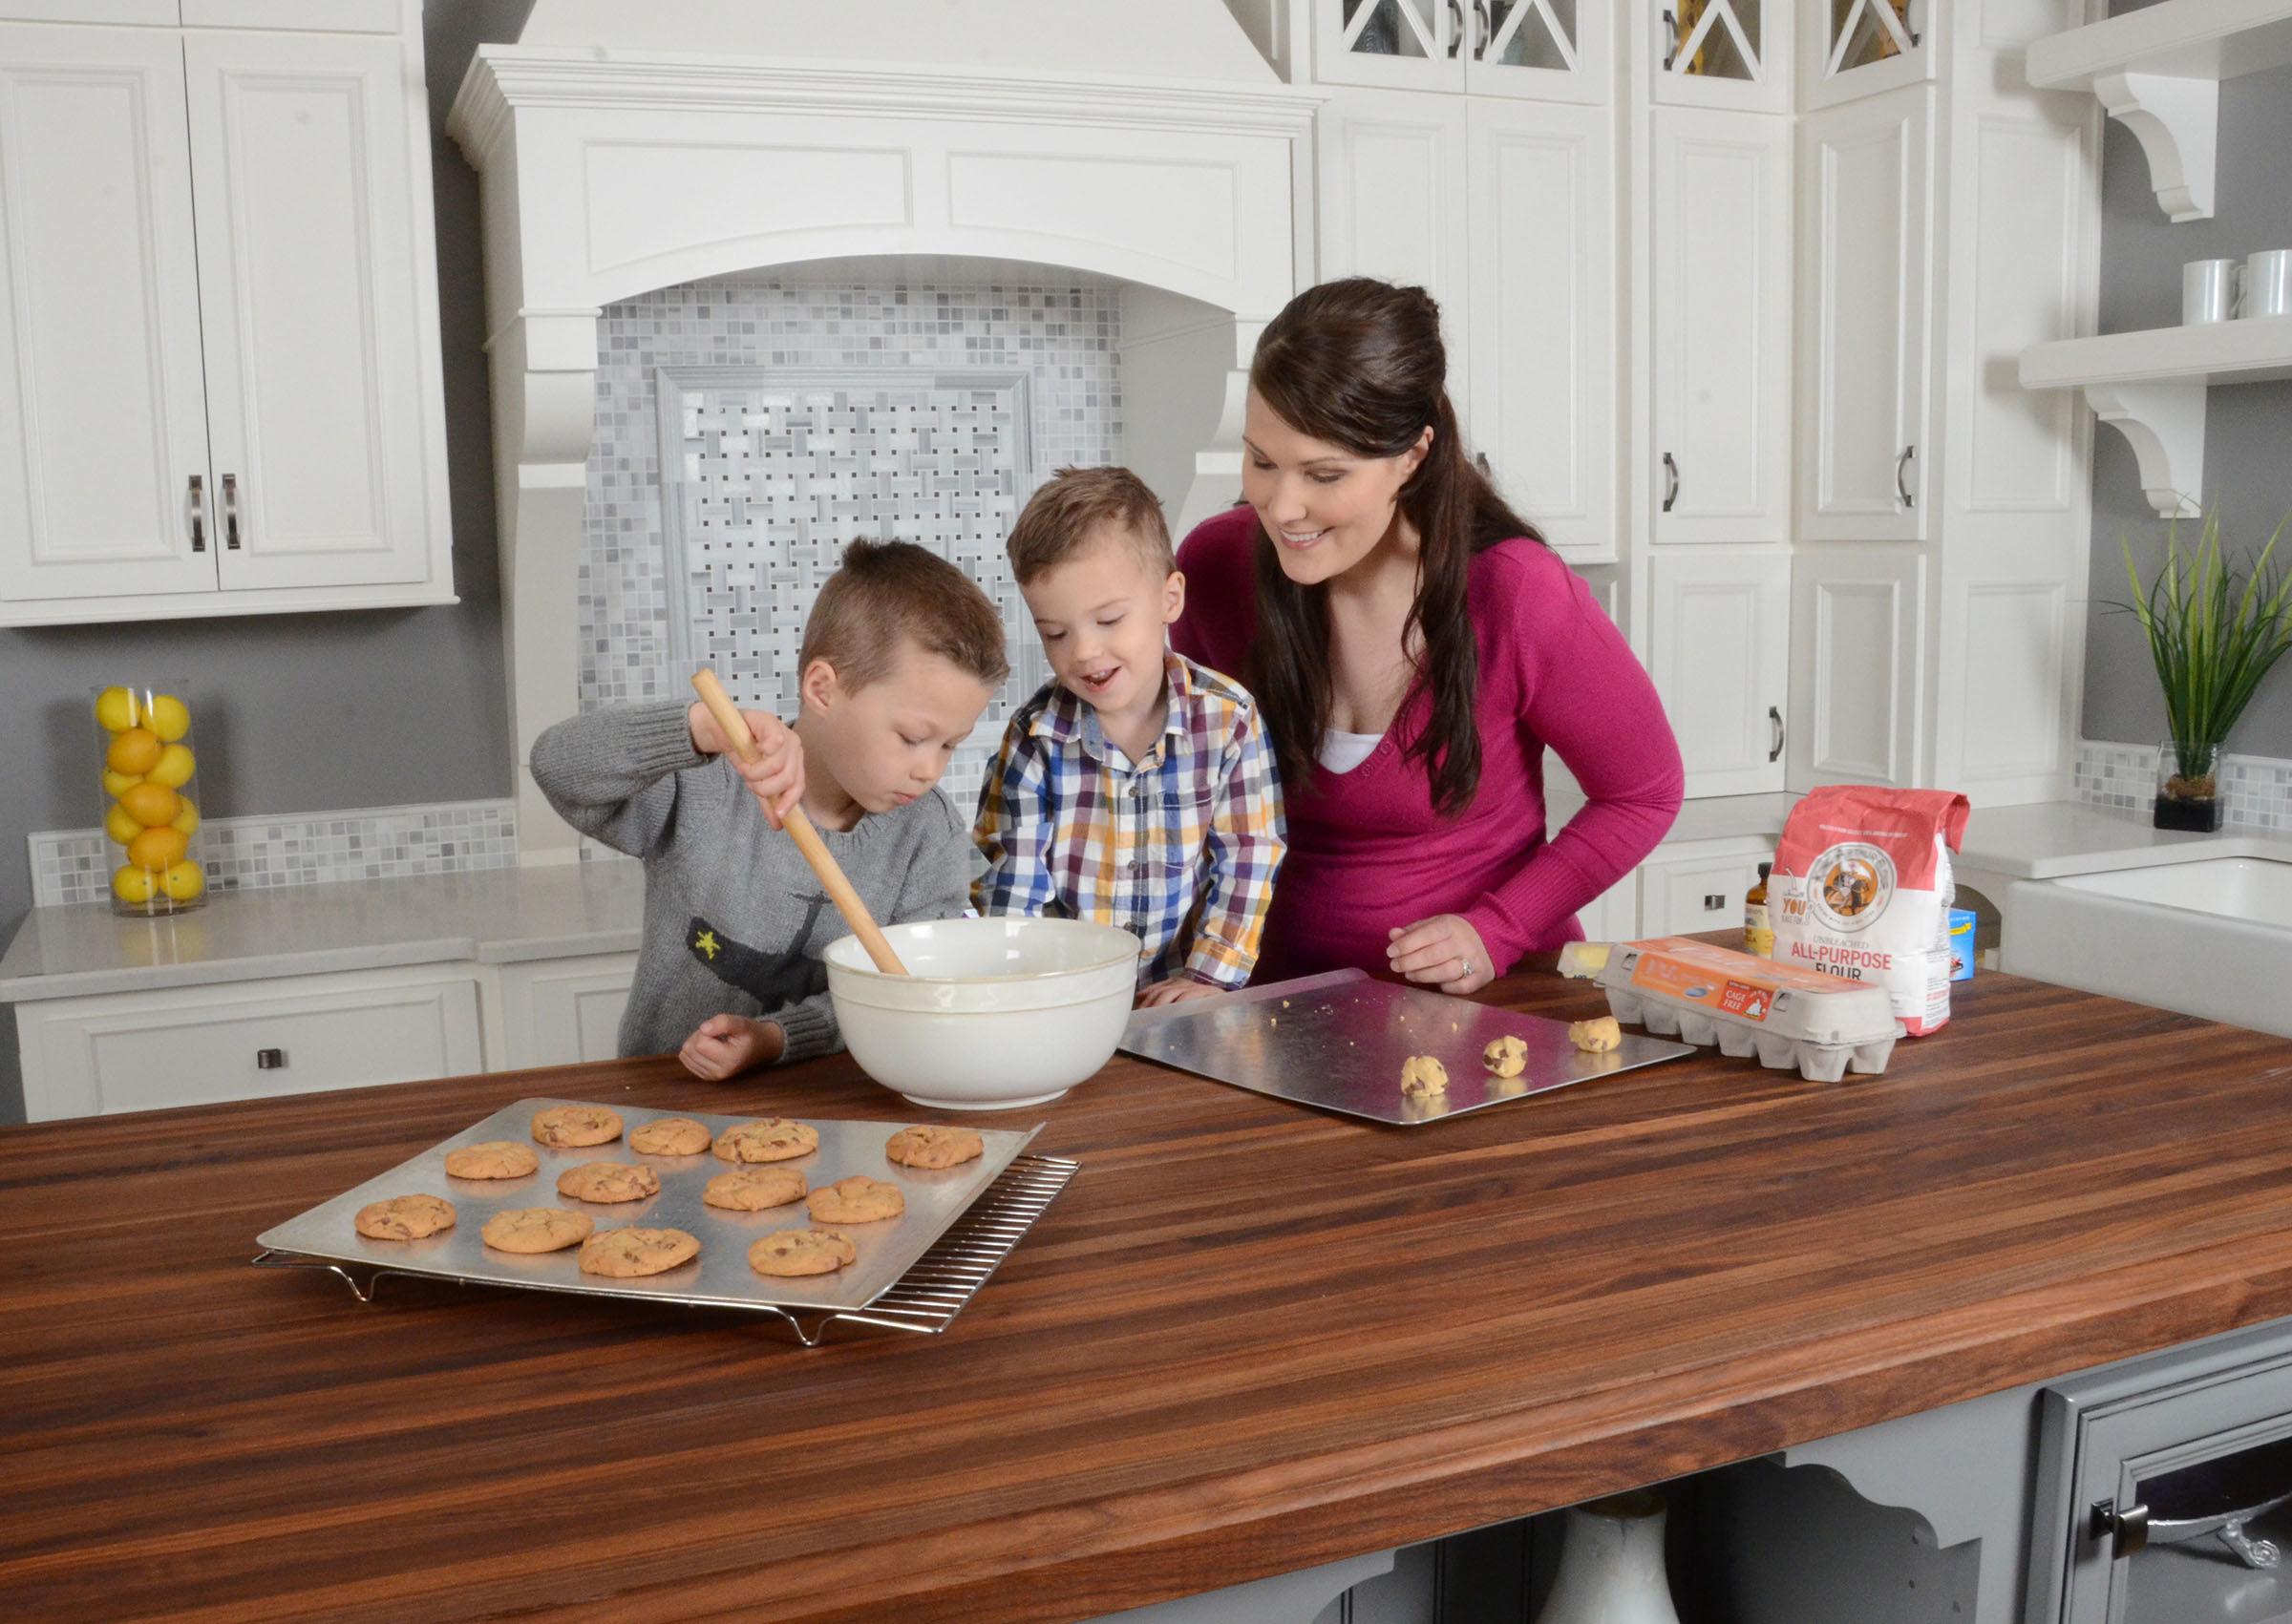 Portrait of family baking